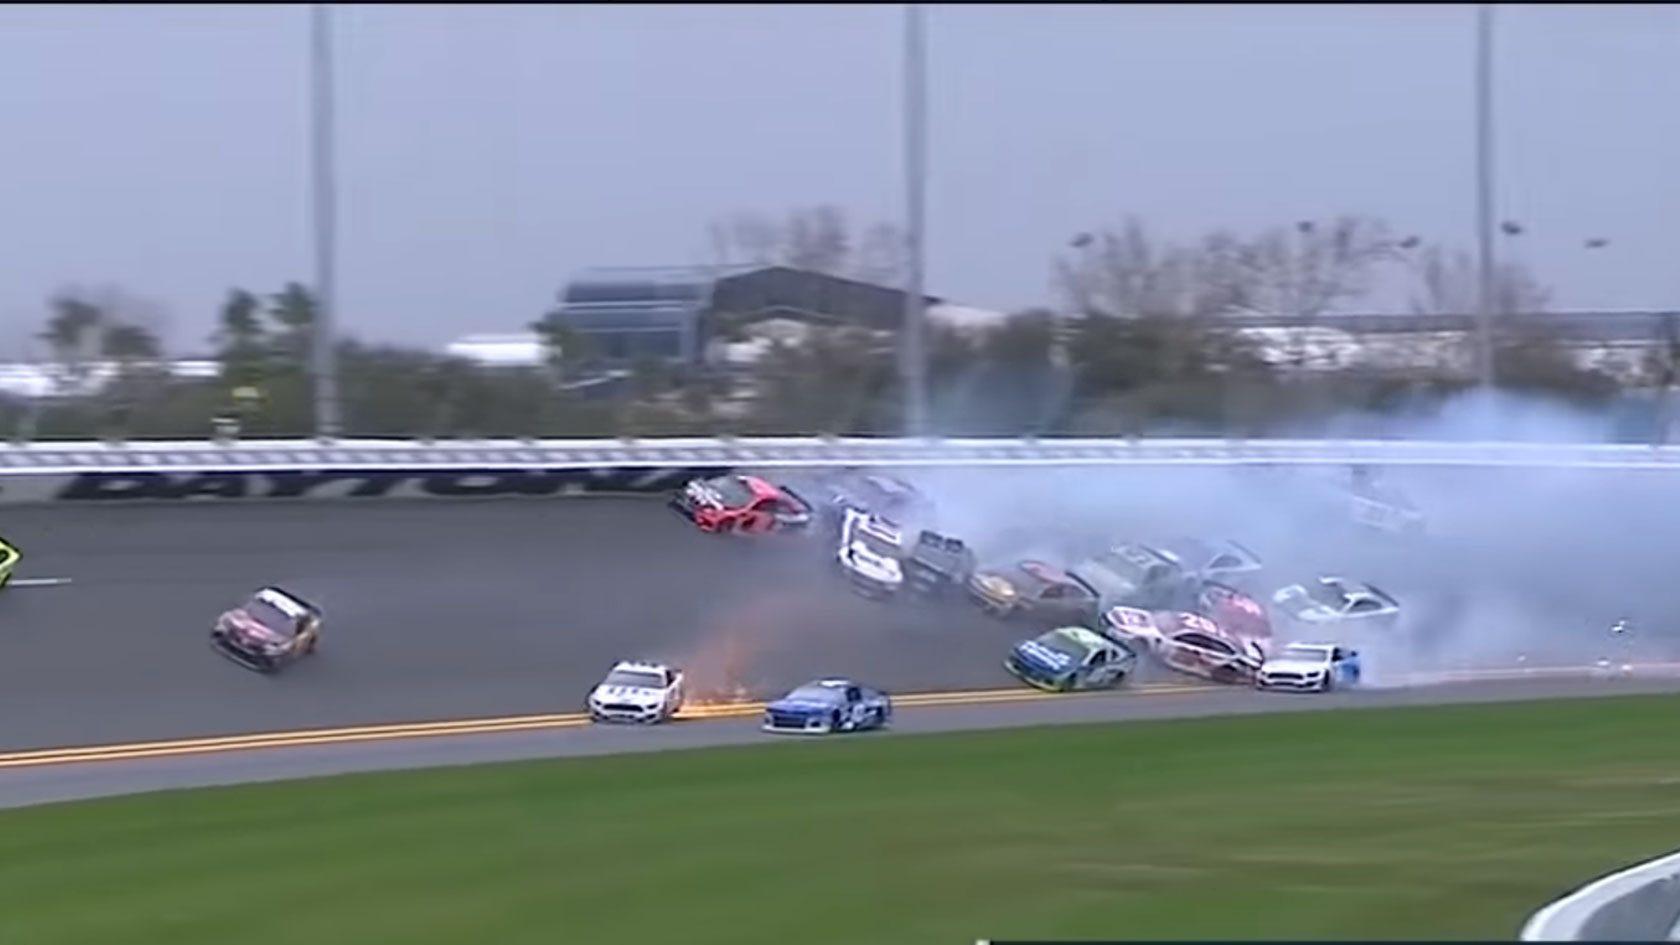 Coureur veroorzaakt mega-crash en wint de race